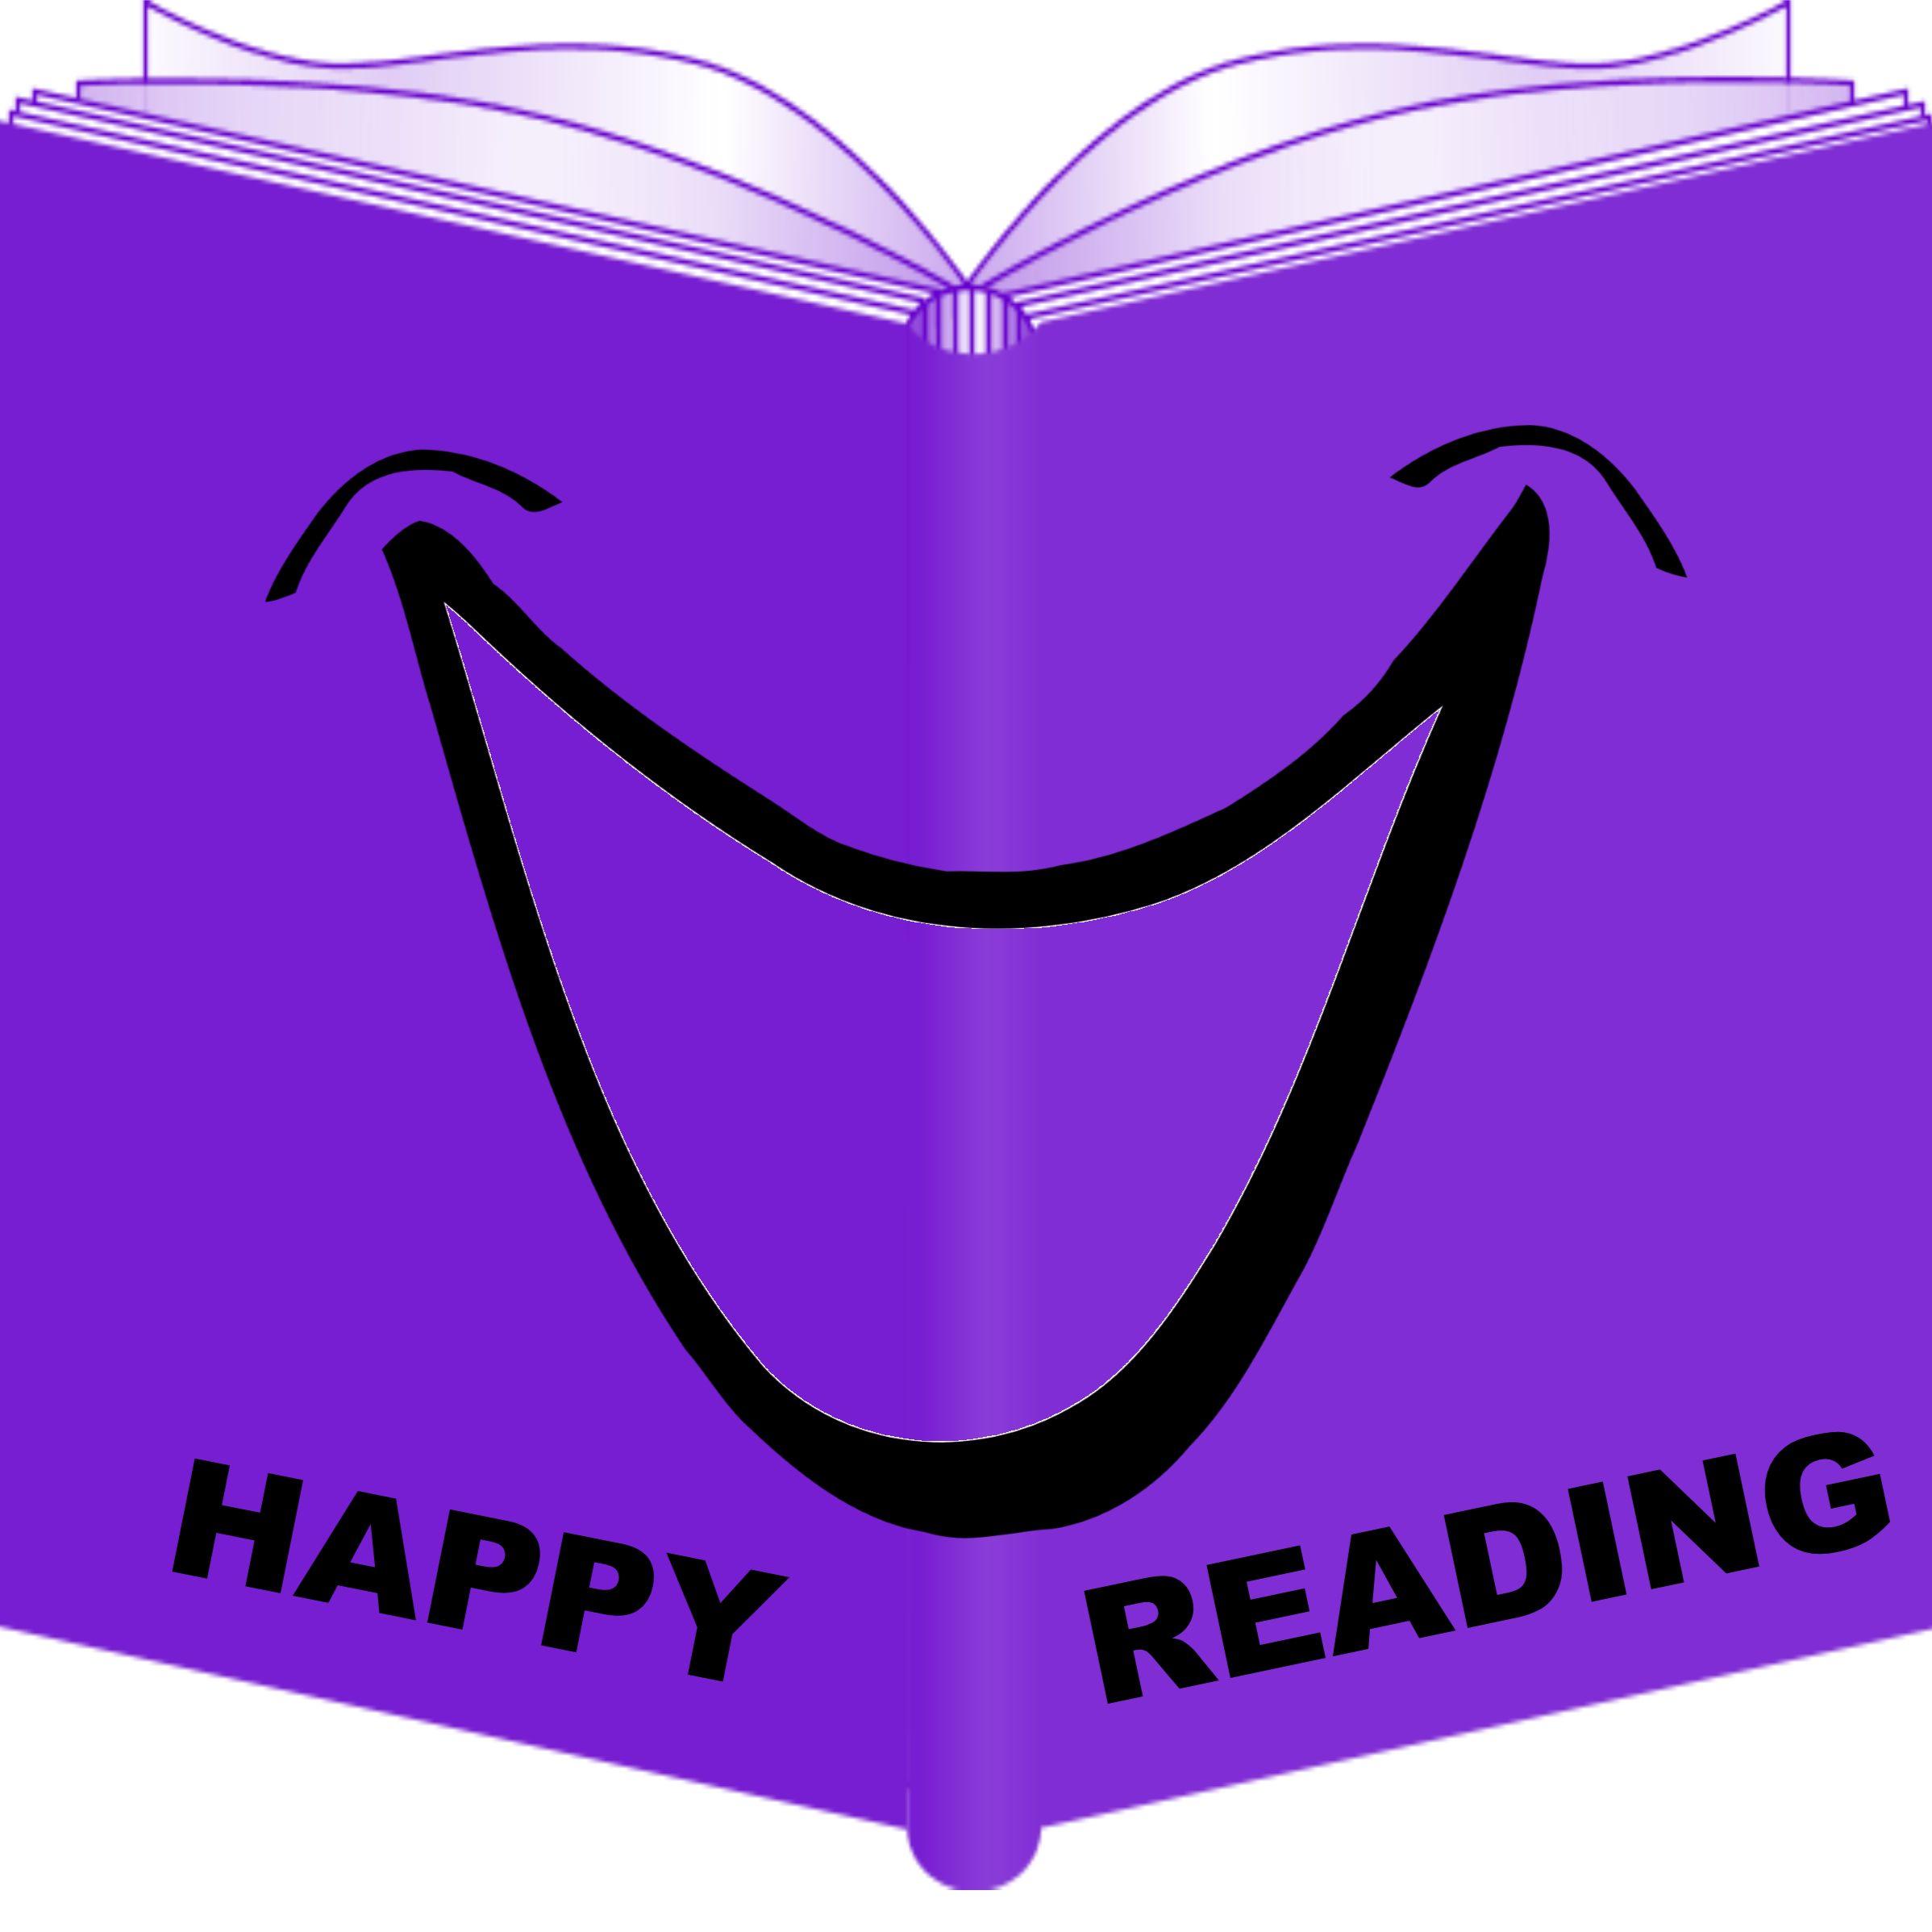 Happy Reading!